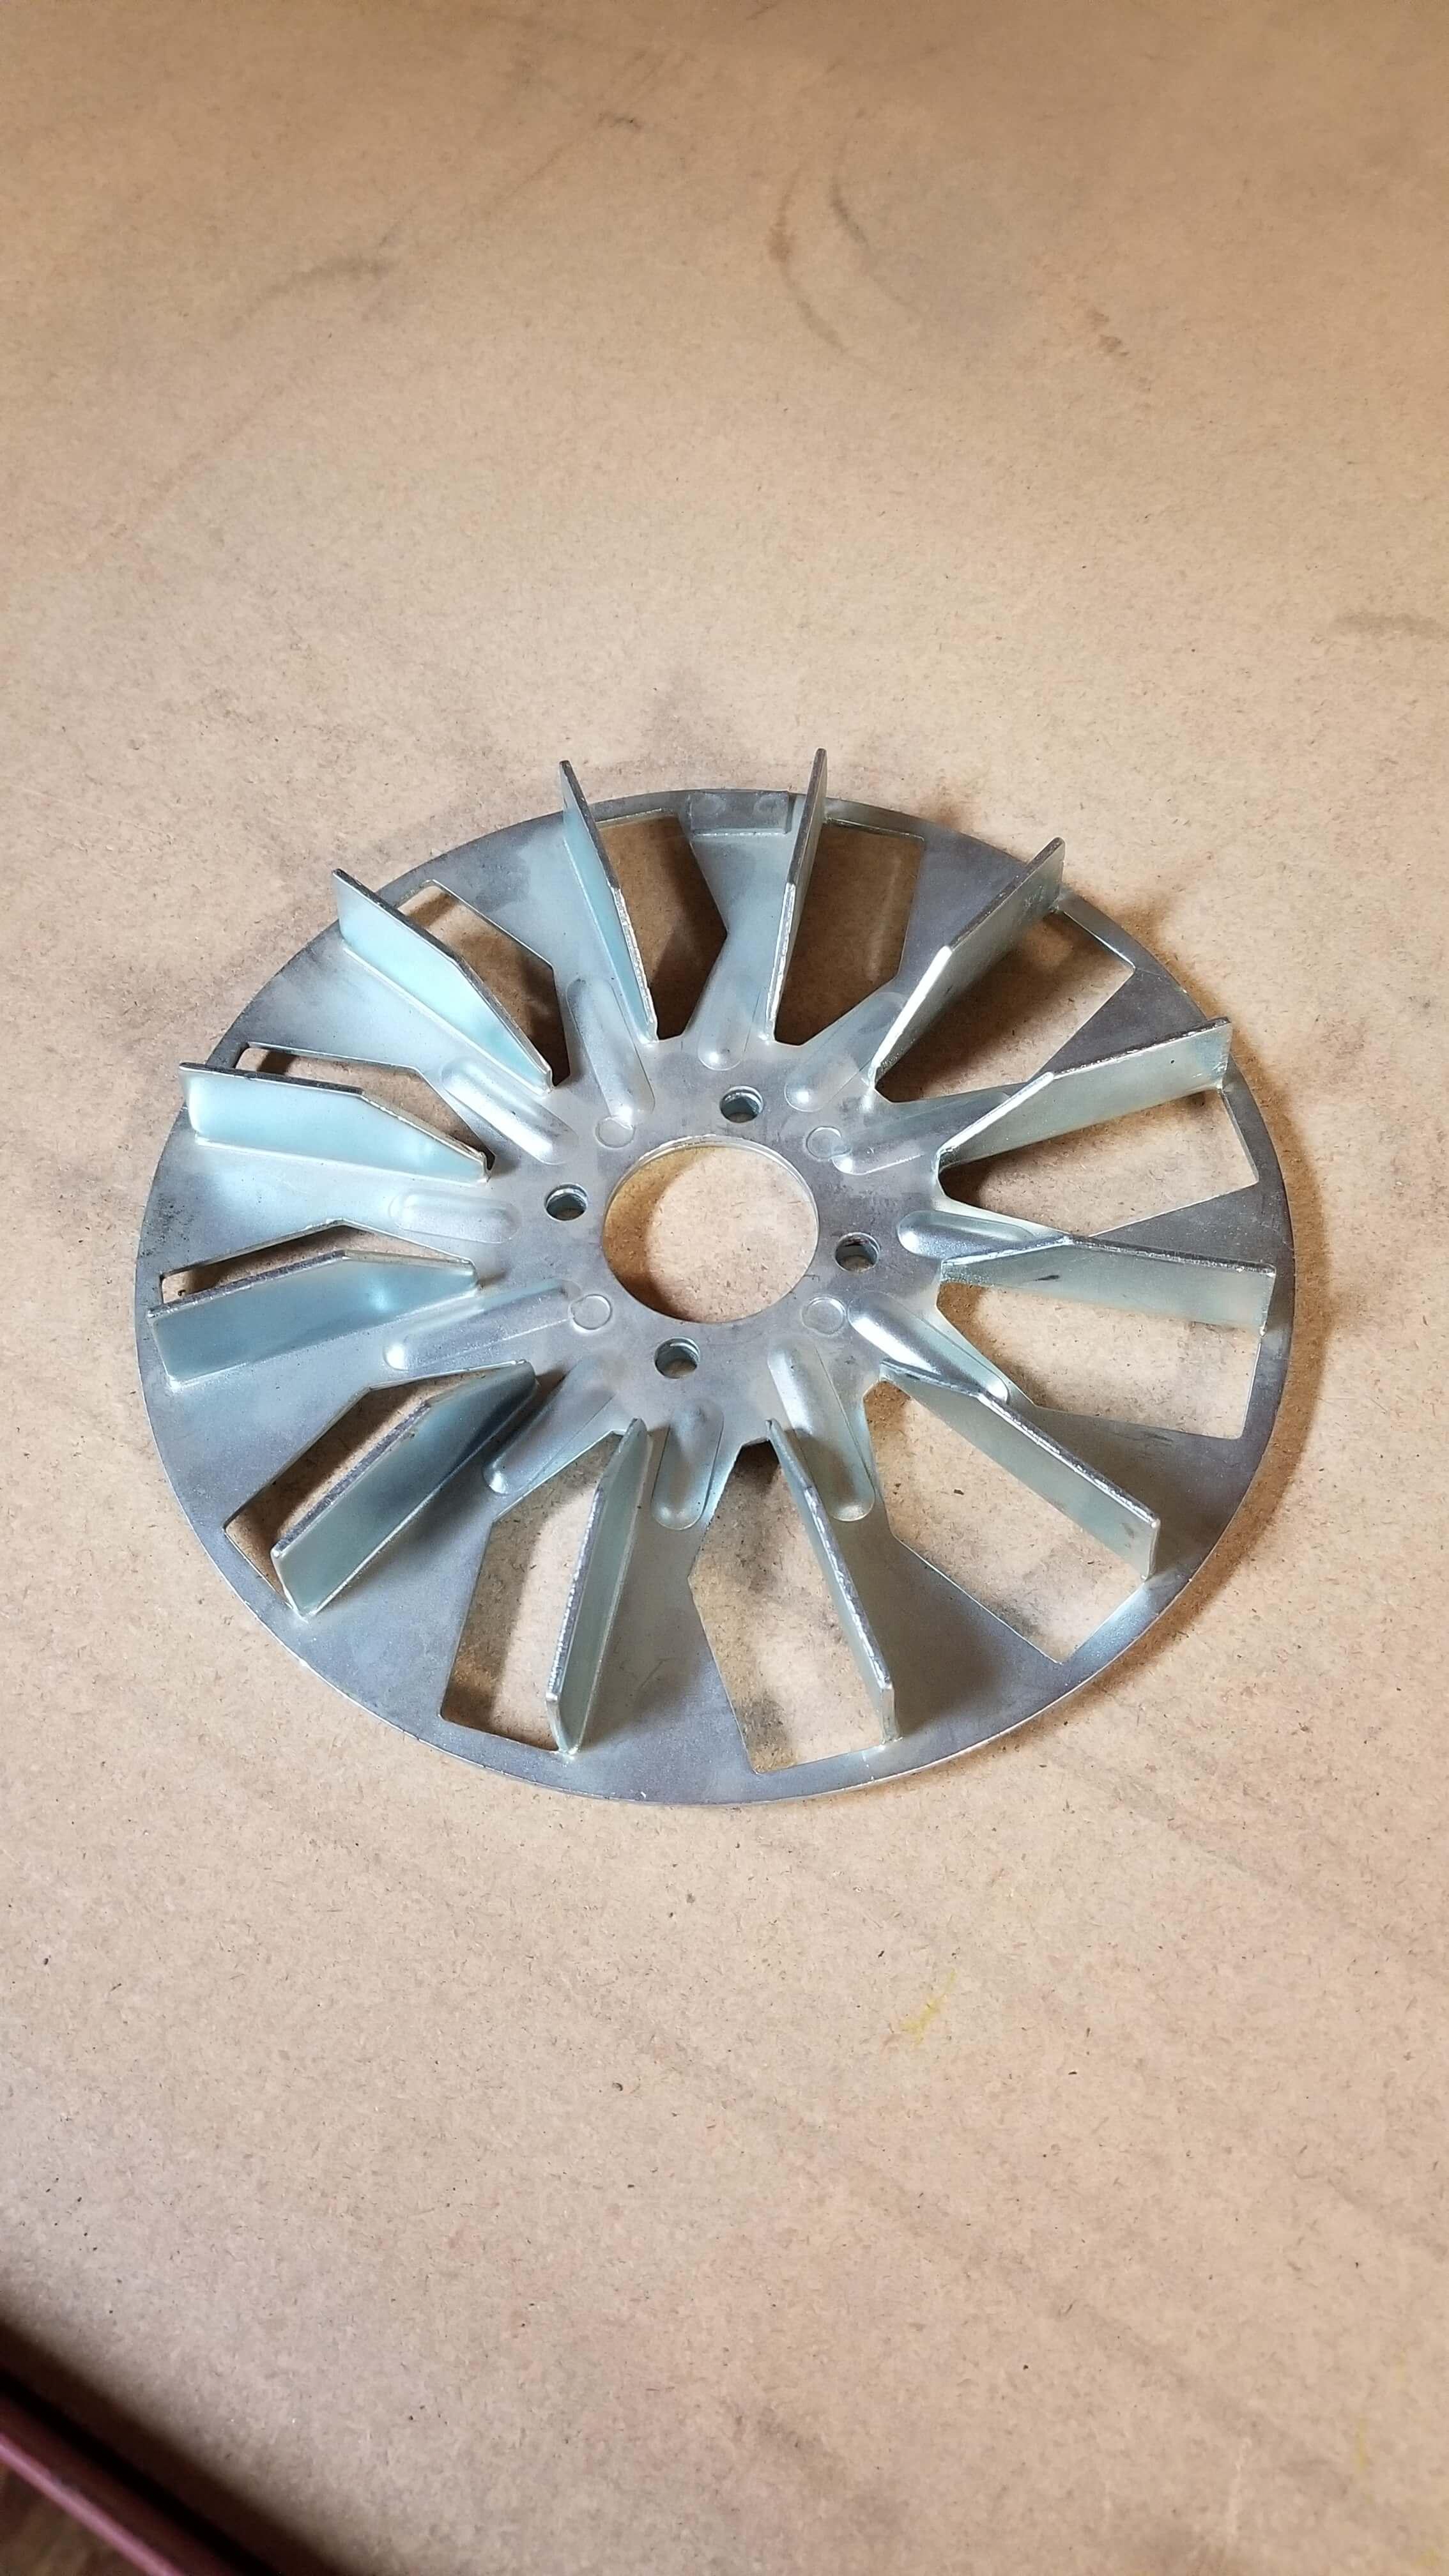 Stahl A3 Fan wheel  P/N: 43 330 00 170 $450.00